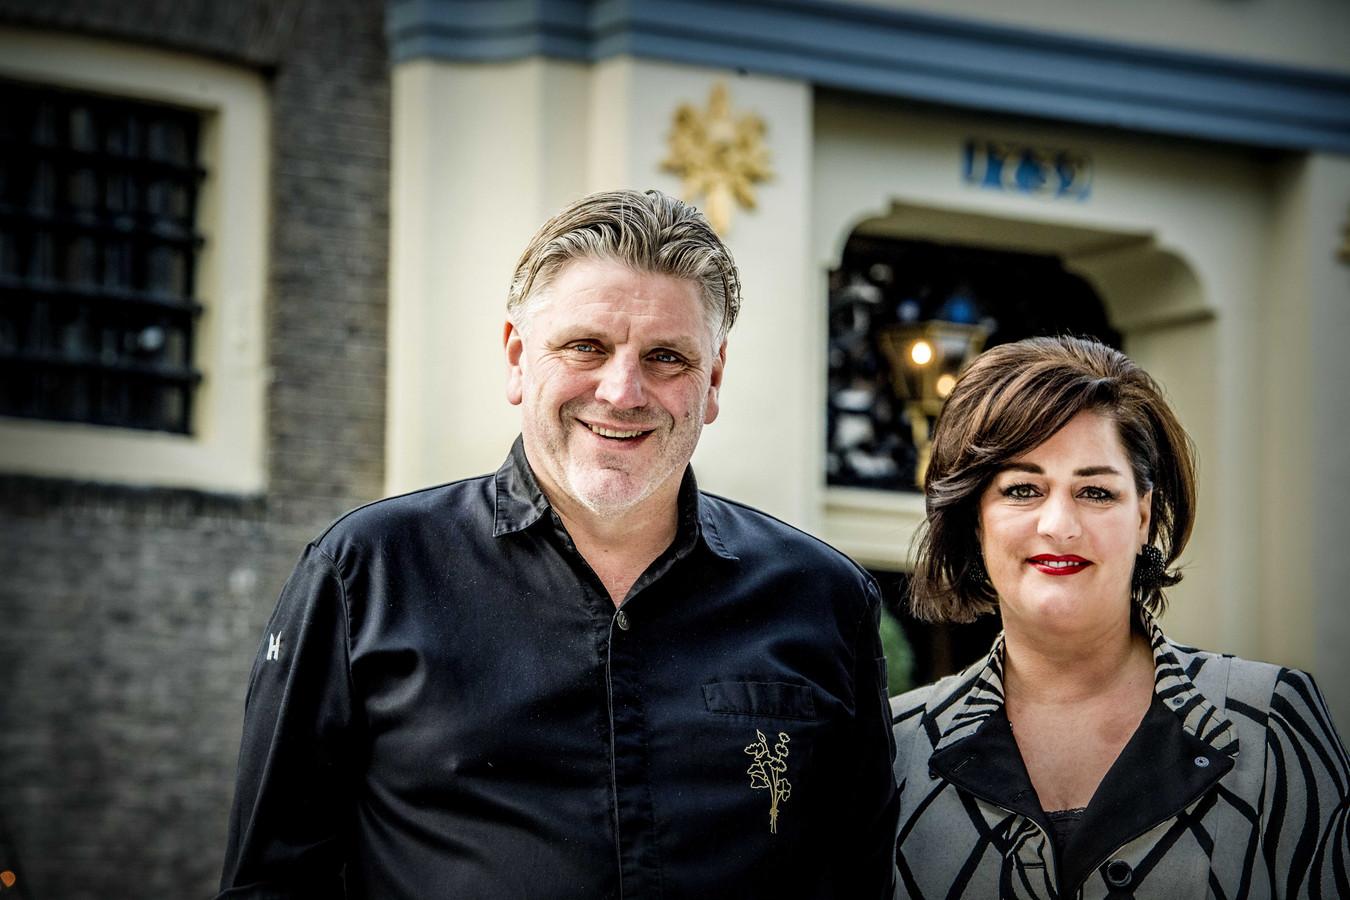 Eigenaar en chef-kok Jonnie Boer en zijn vrouw Thérèse van 3-sterrenrestaurant De Librije in Zwolle.